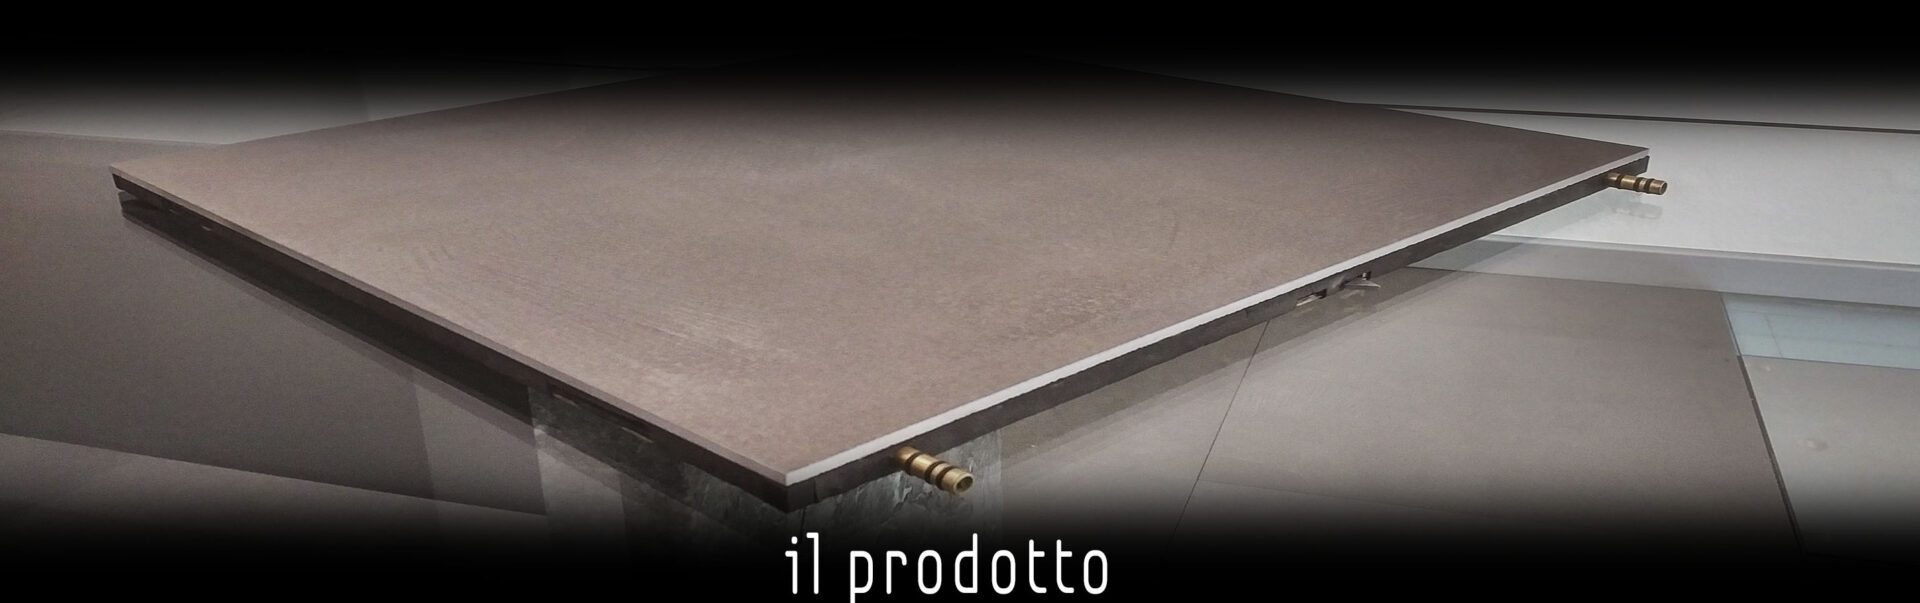 heatile_prodotto